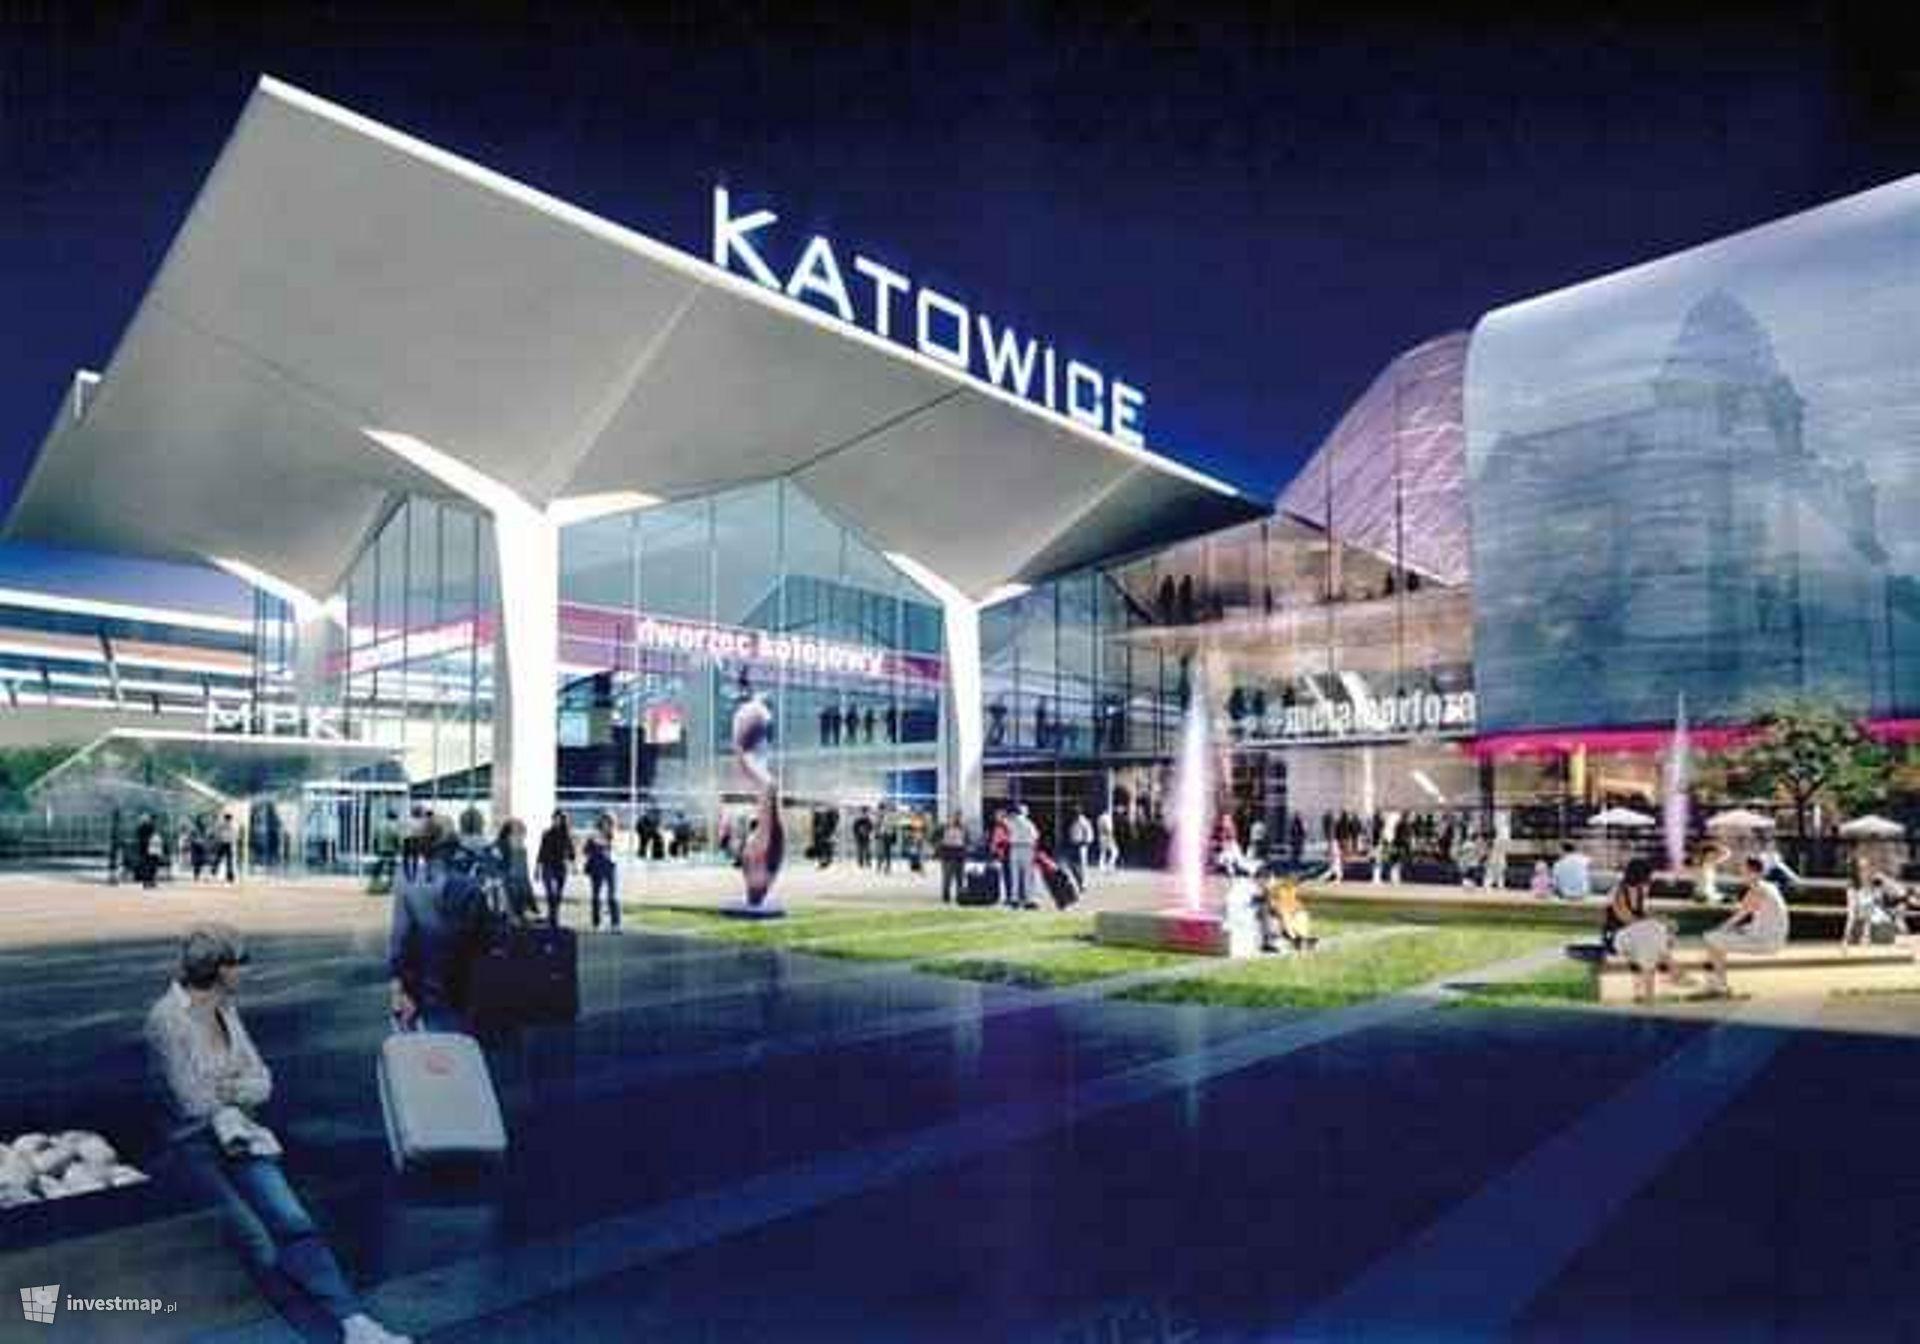 Remont Dworca Głównego PKP i Galeria Katowicka